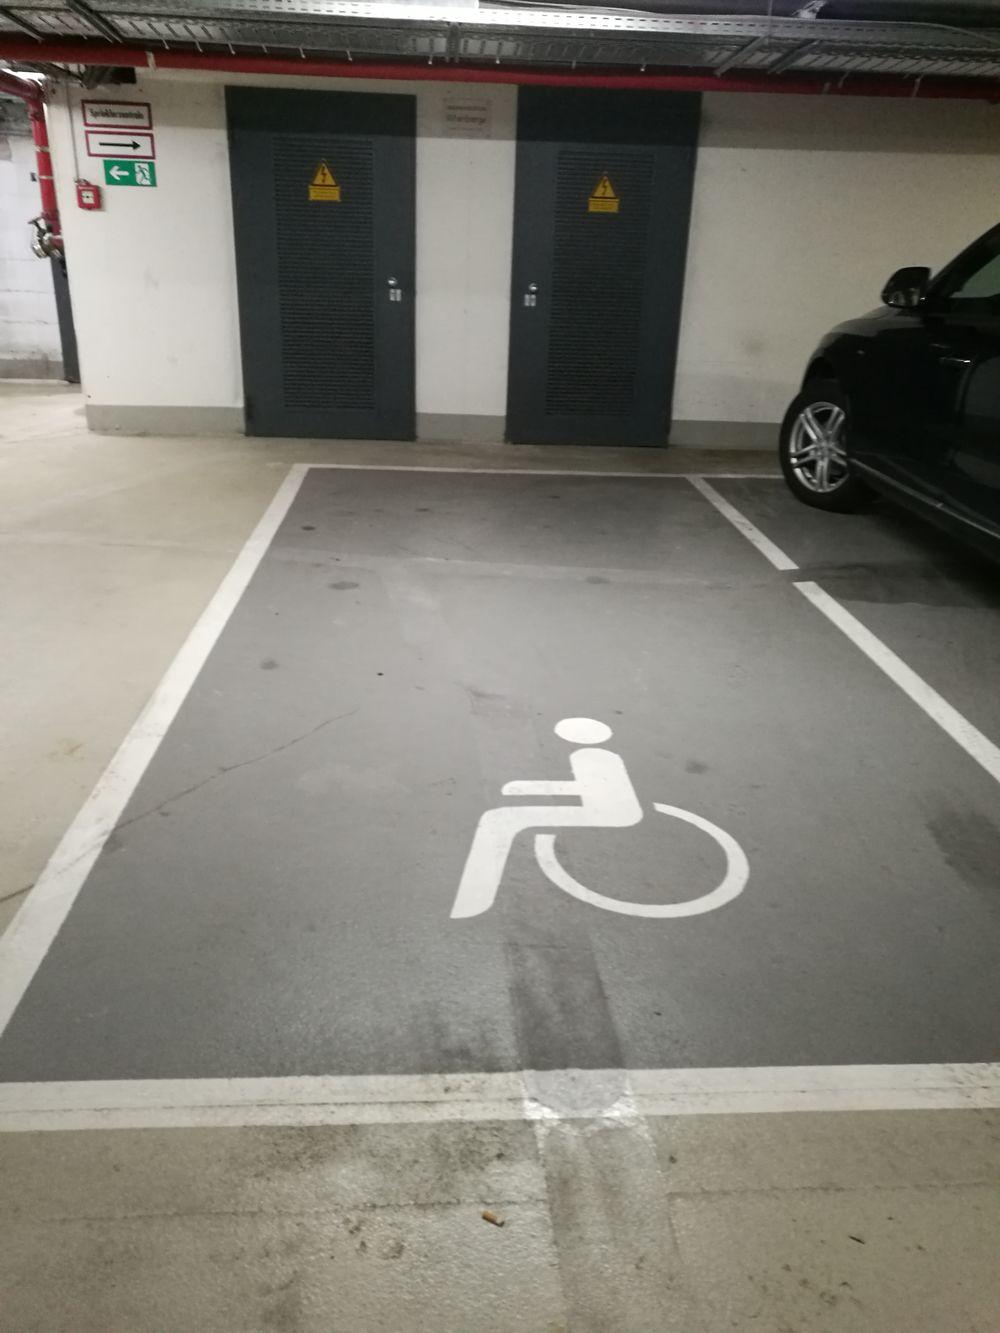 1 Behindertenparkplatz in der Tiefgarage Obere Wässere